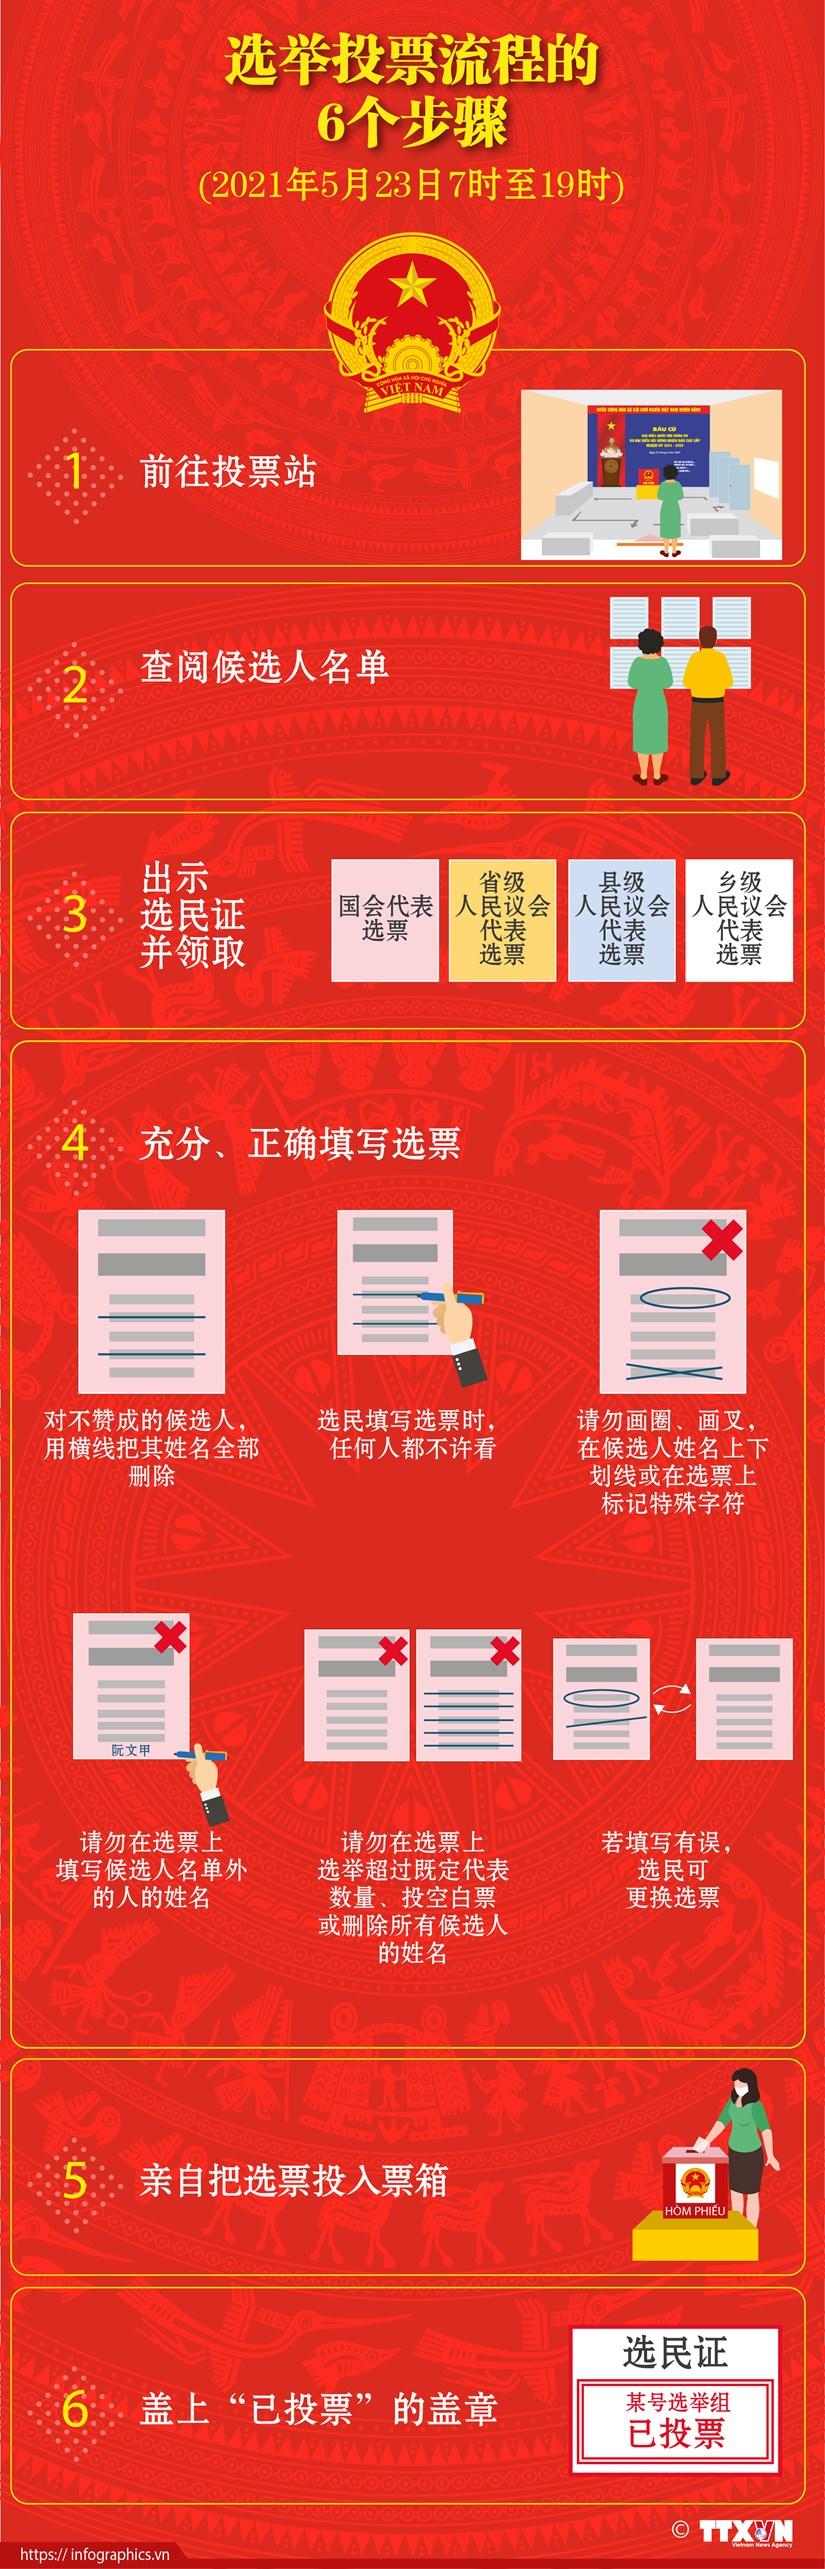 图表新闻:选举投票流程的6个步骤 hinh anh 1